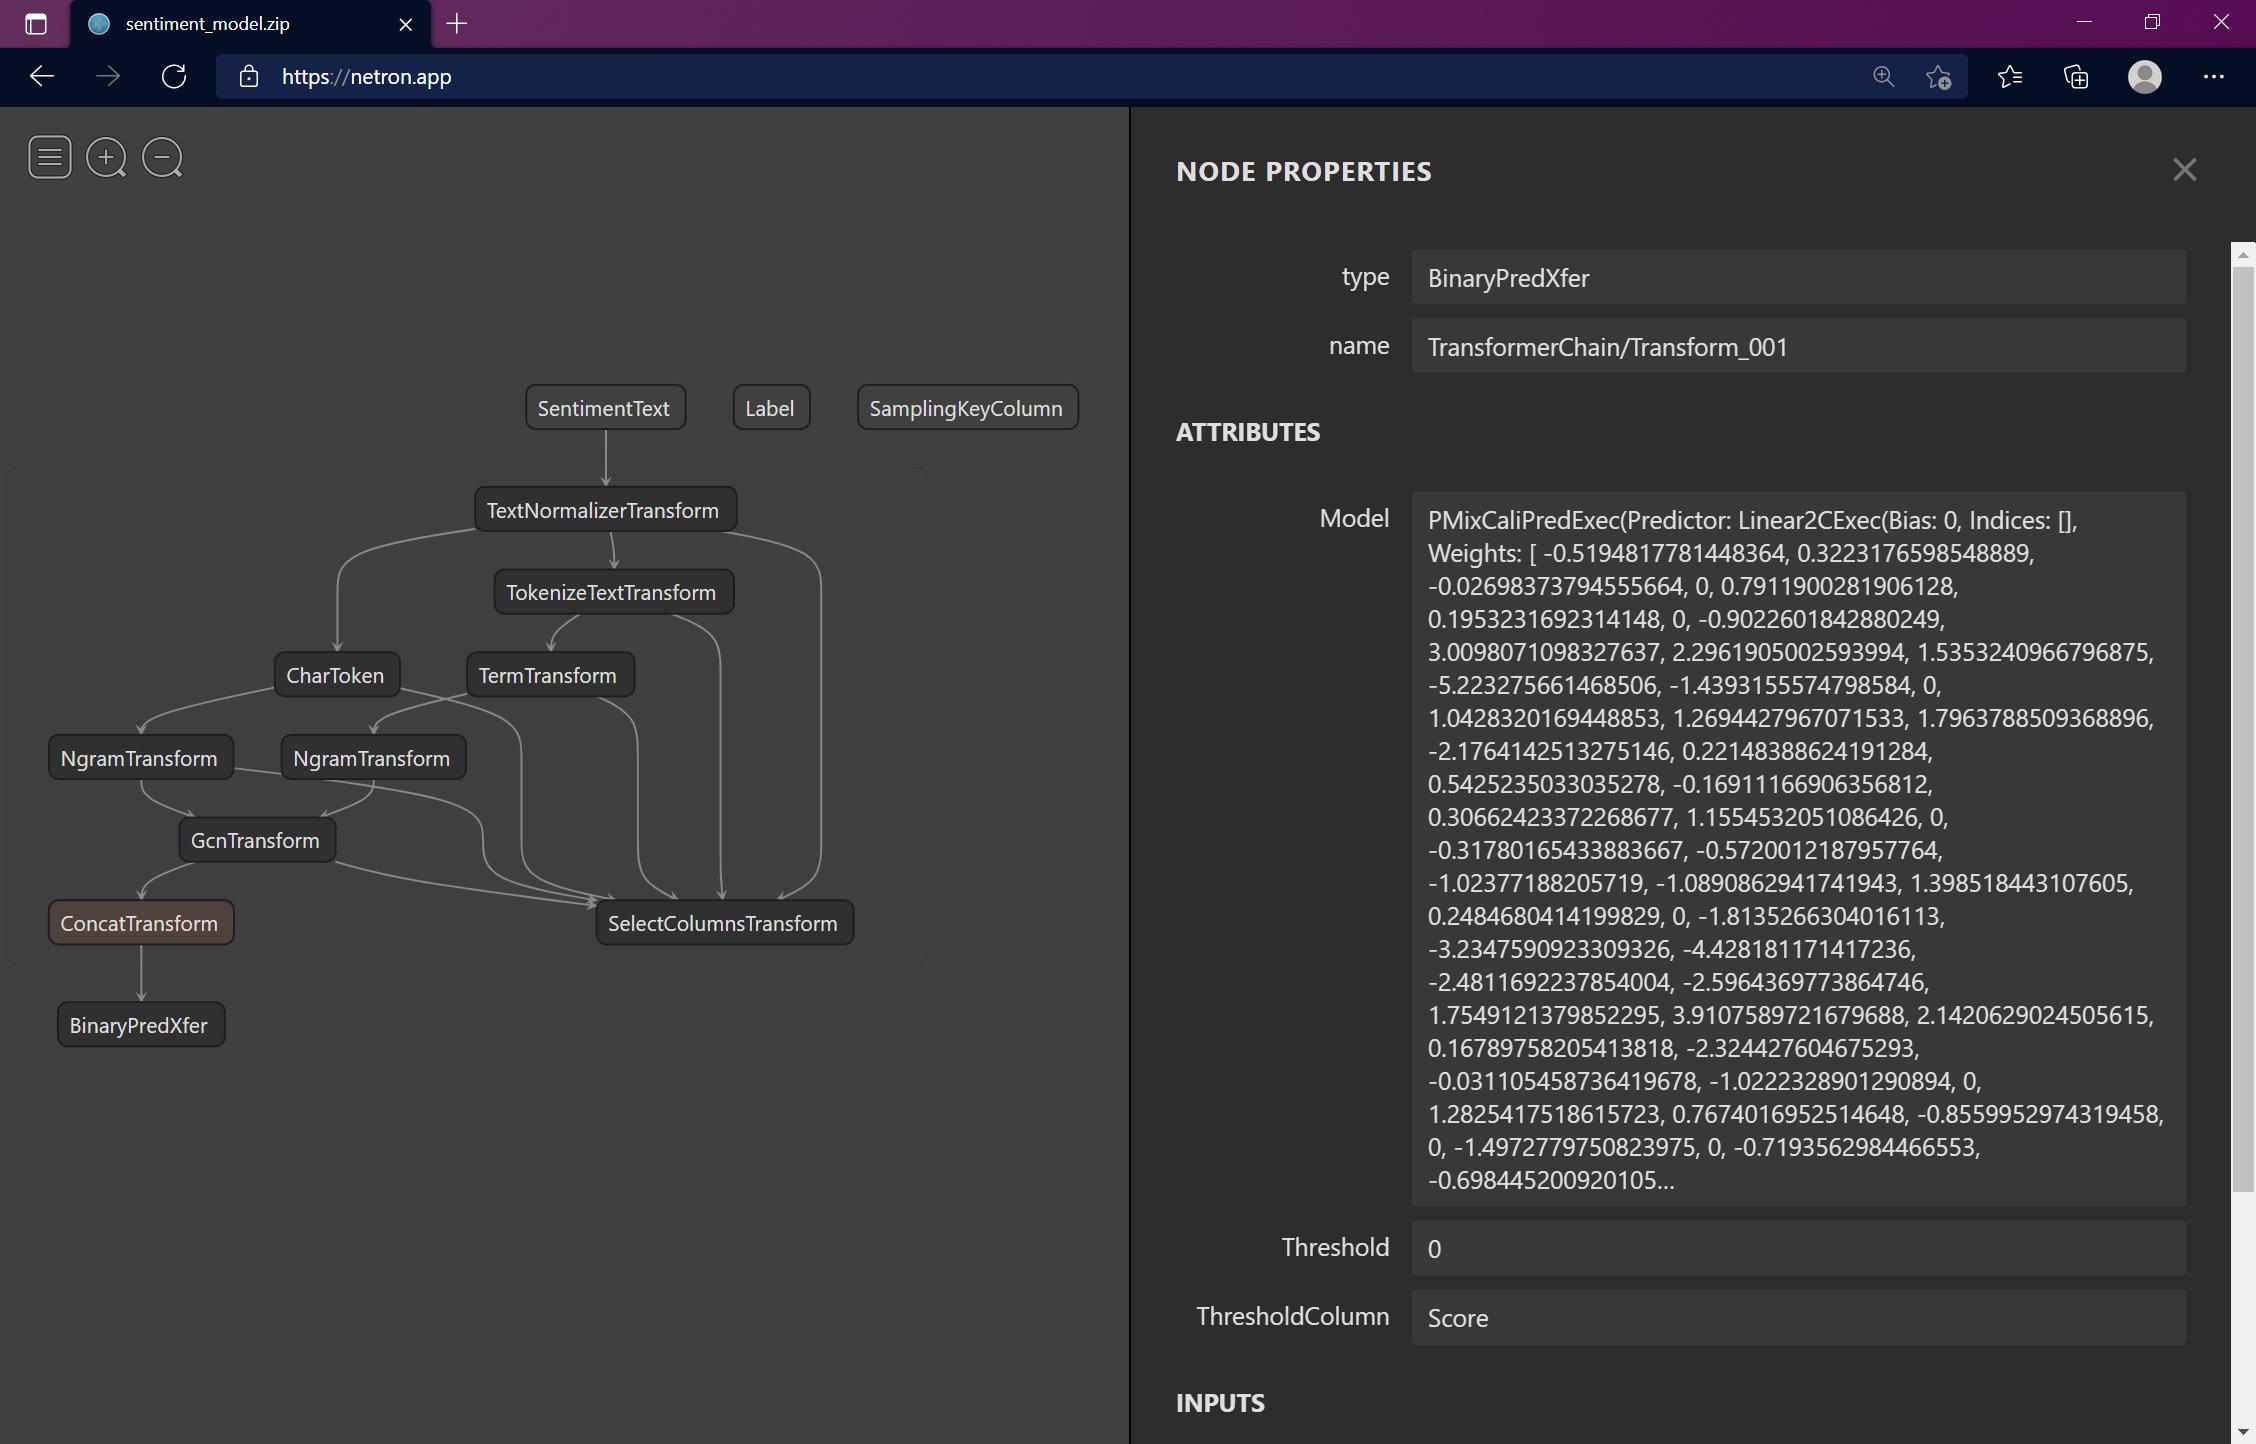 ML.NET Netron Binary Predictor